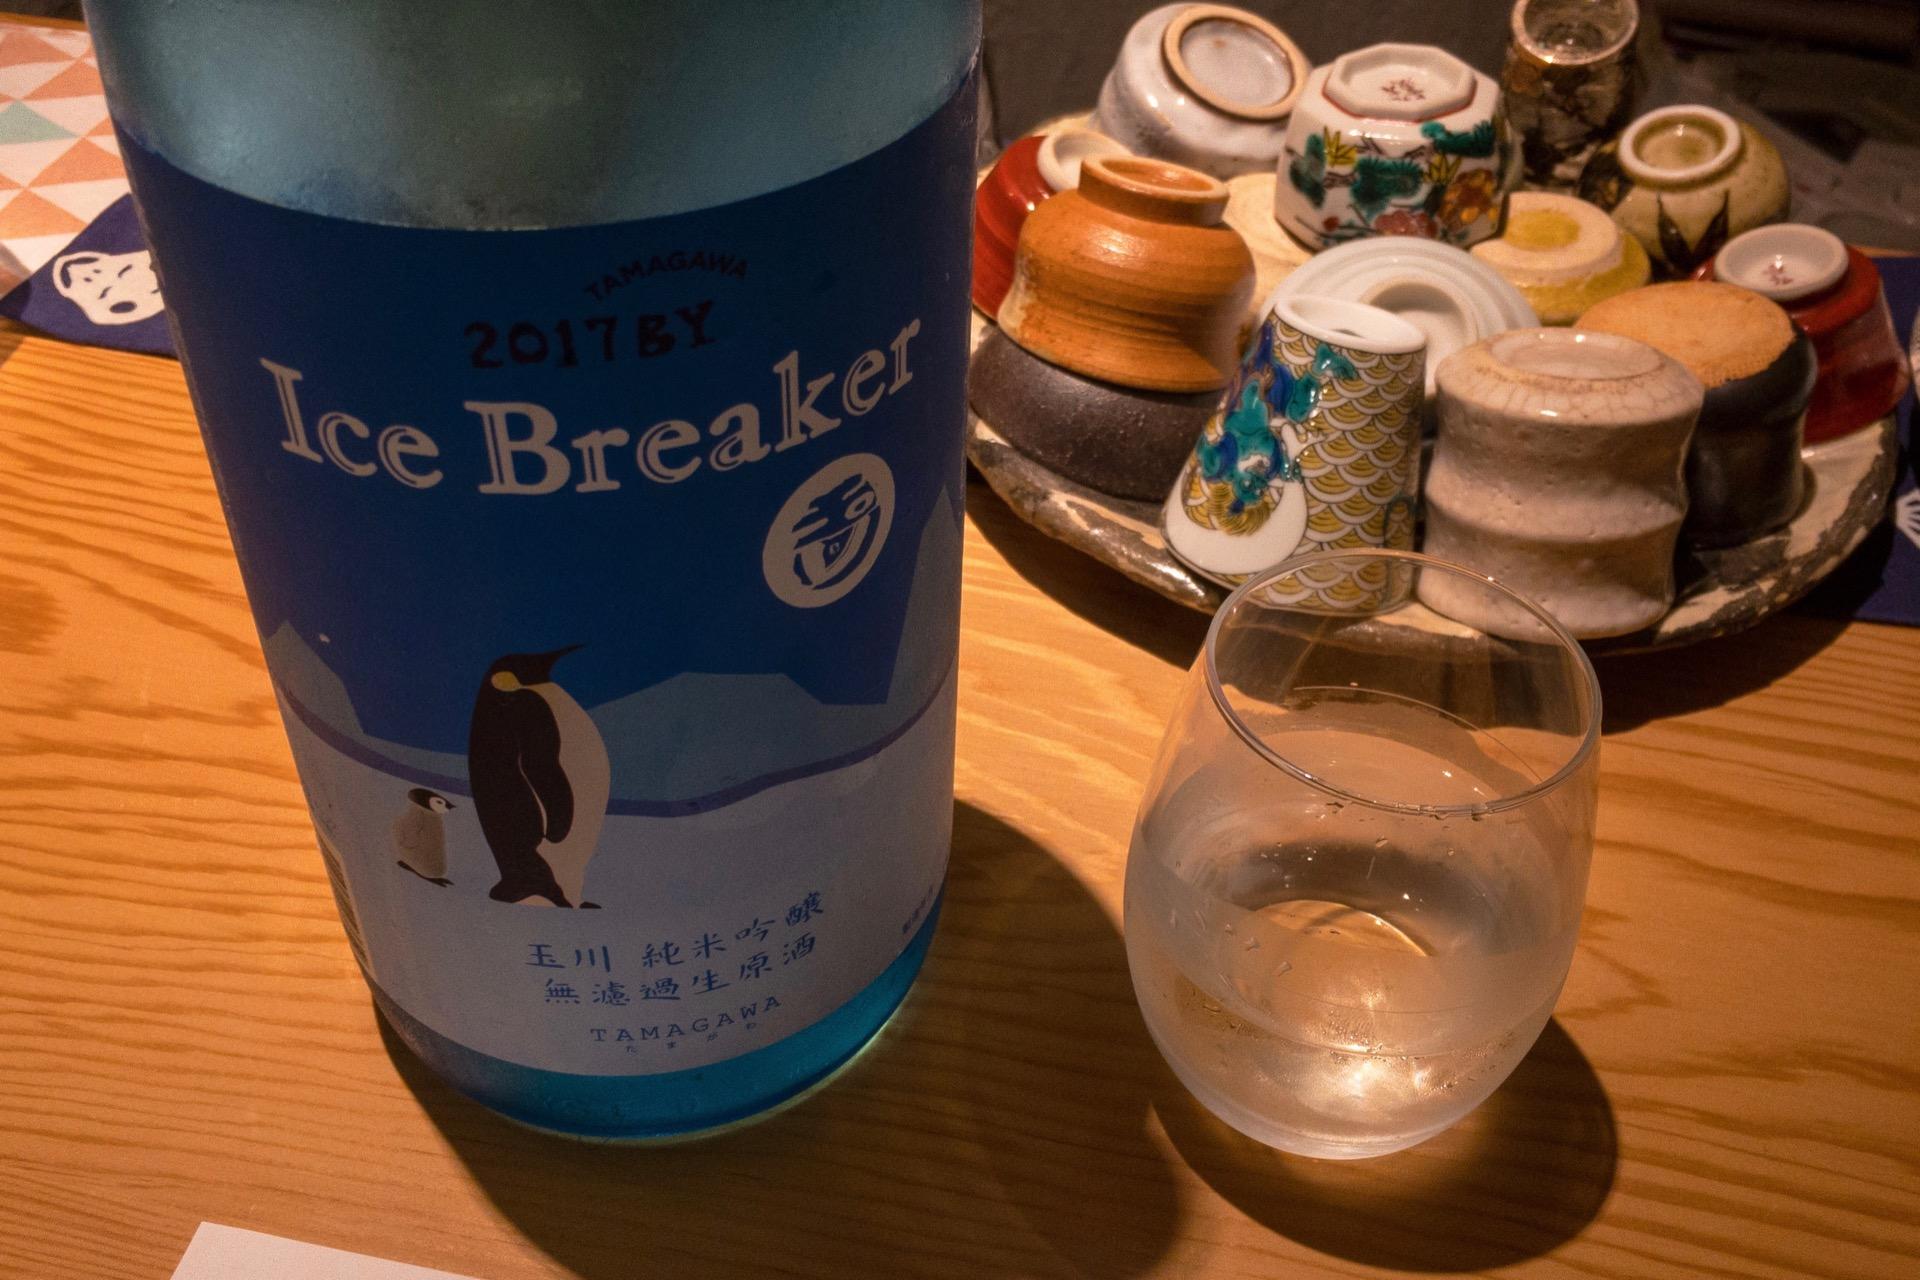 玉川 純米吟醸 Ice Breaker|日本酒テイスティングノート